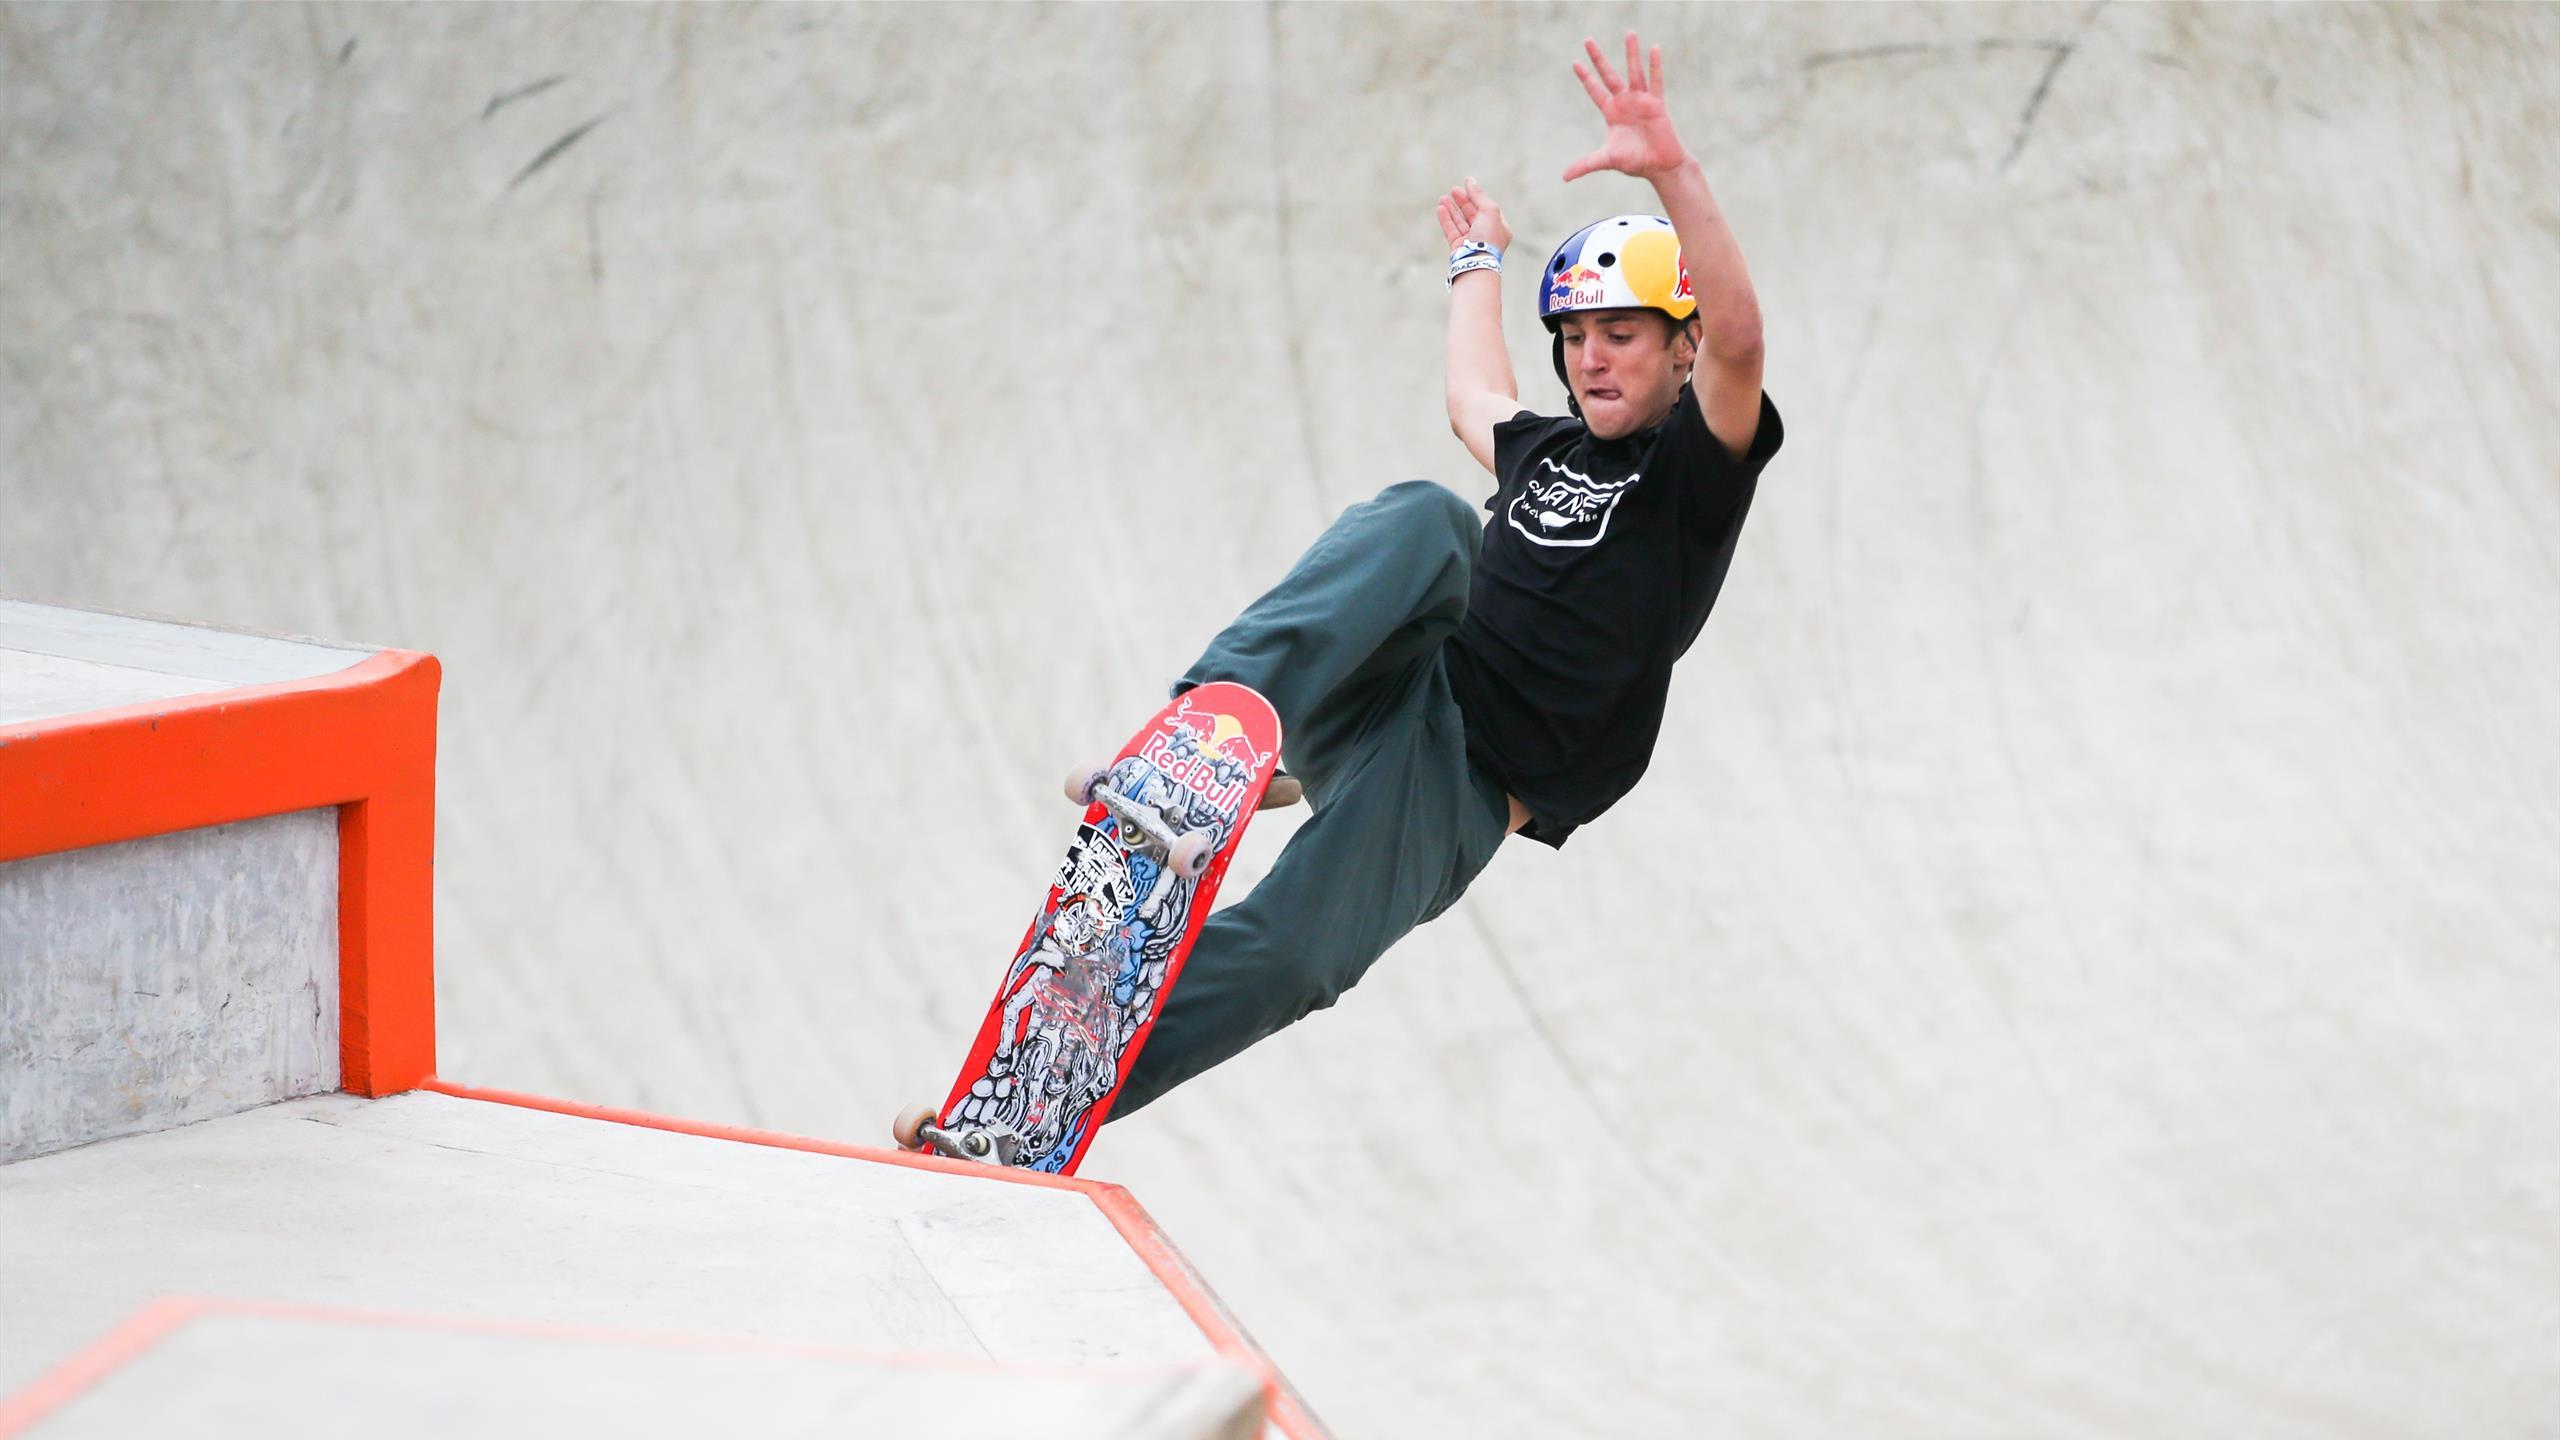 """Ils avaient pourtant dit """"non"""" : Comment l'escalade et le skateboard ont intégré les JO"""